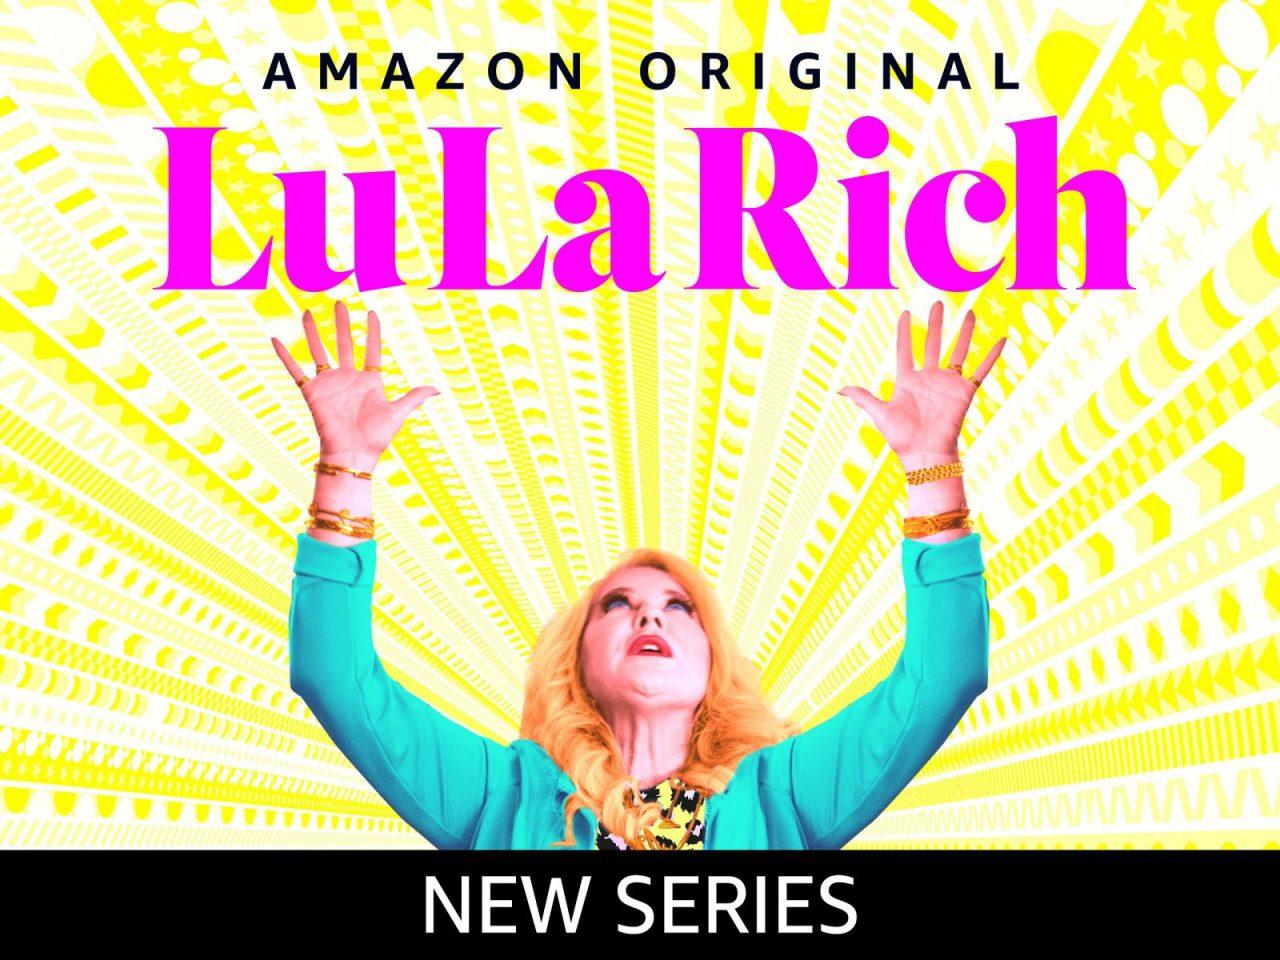 LuLaRich Season 2 : Release Date, Plot & Cast